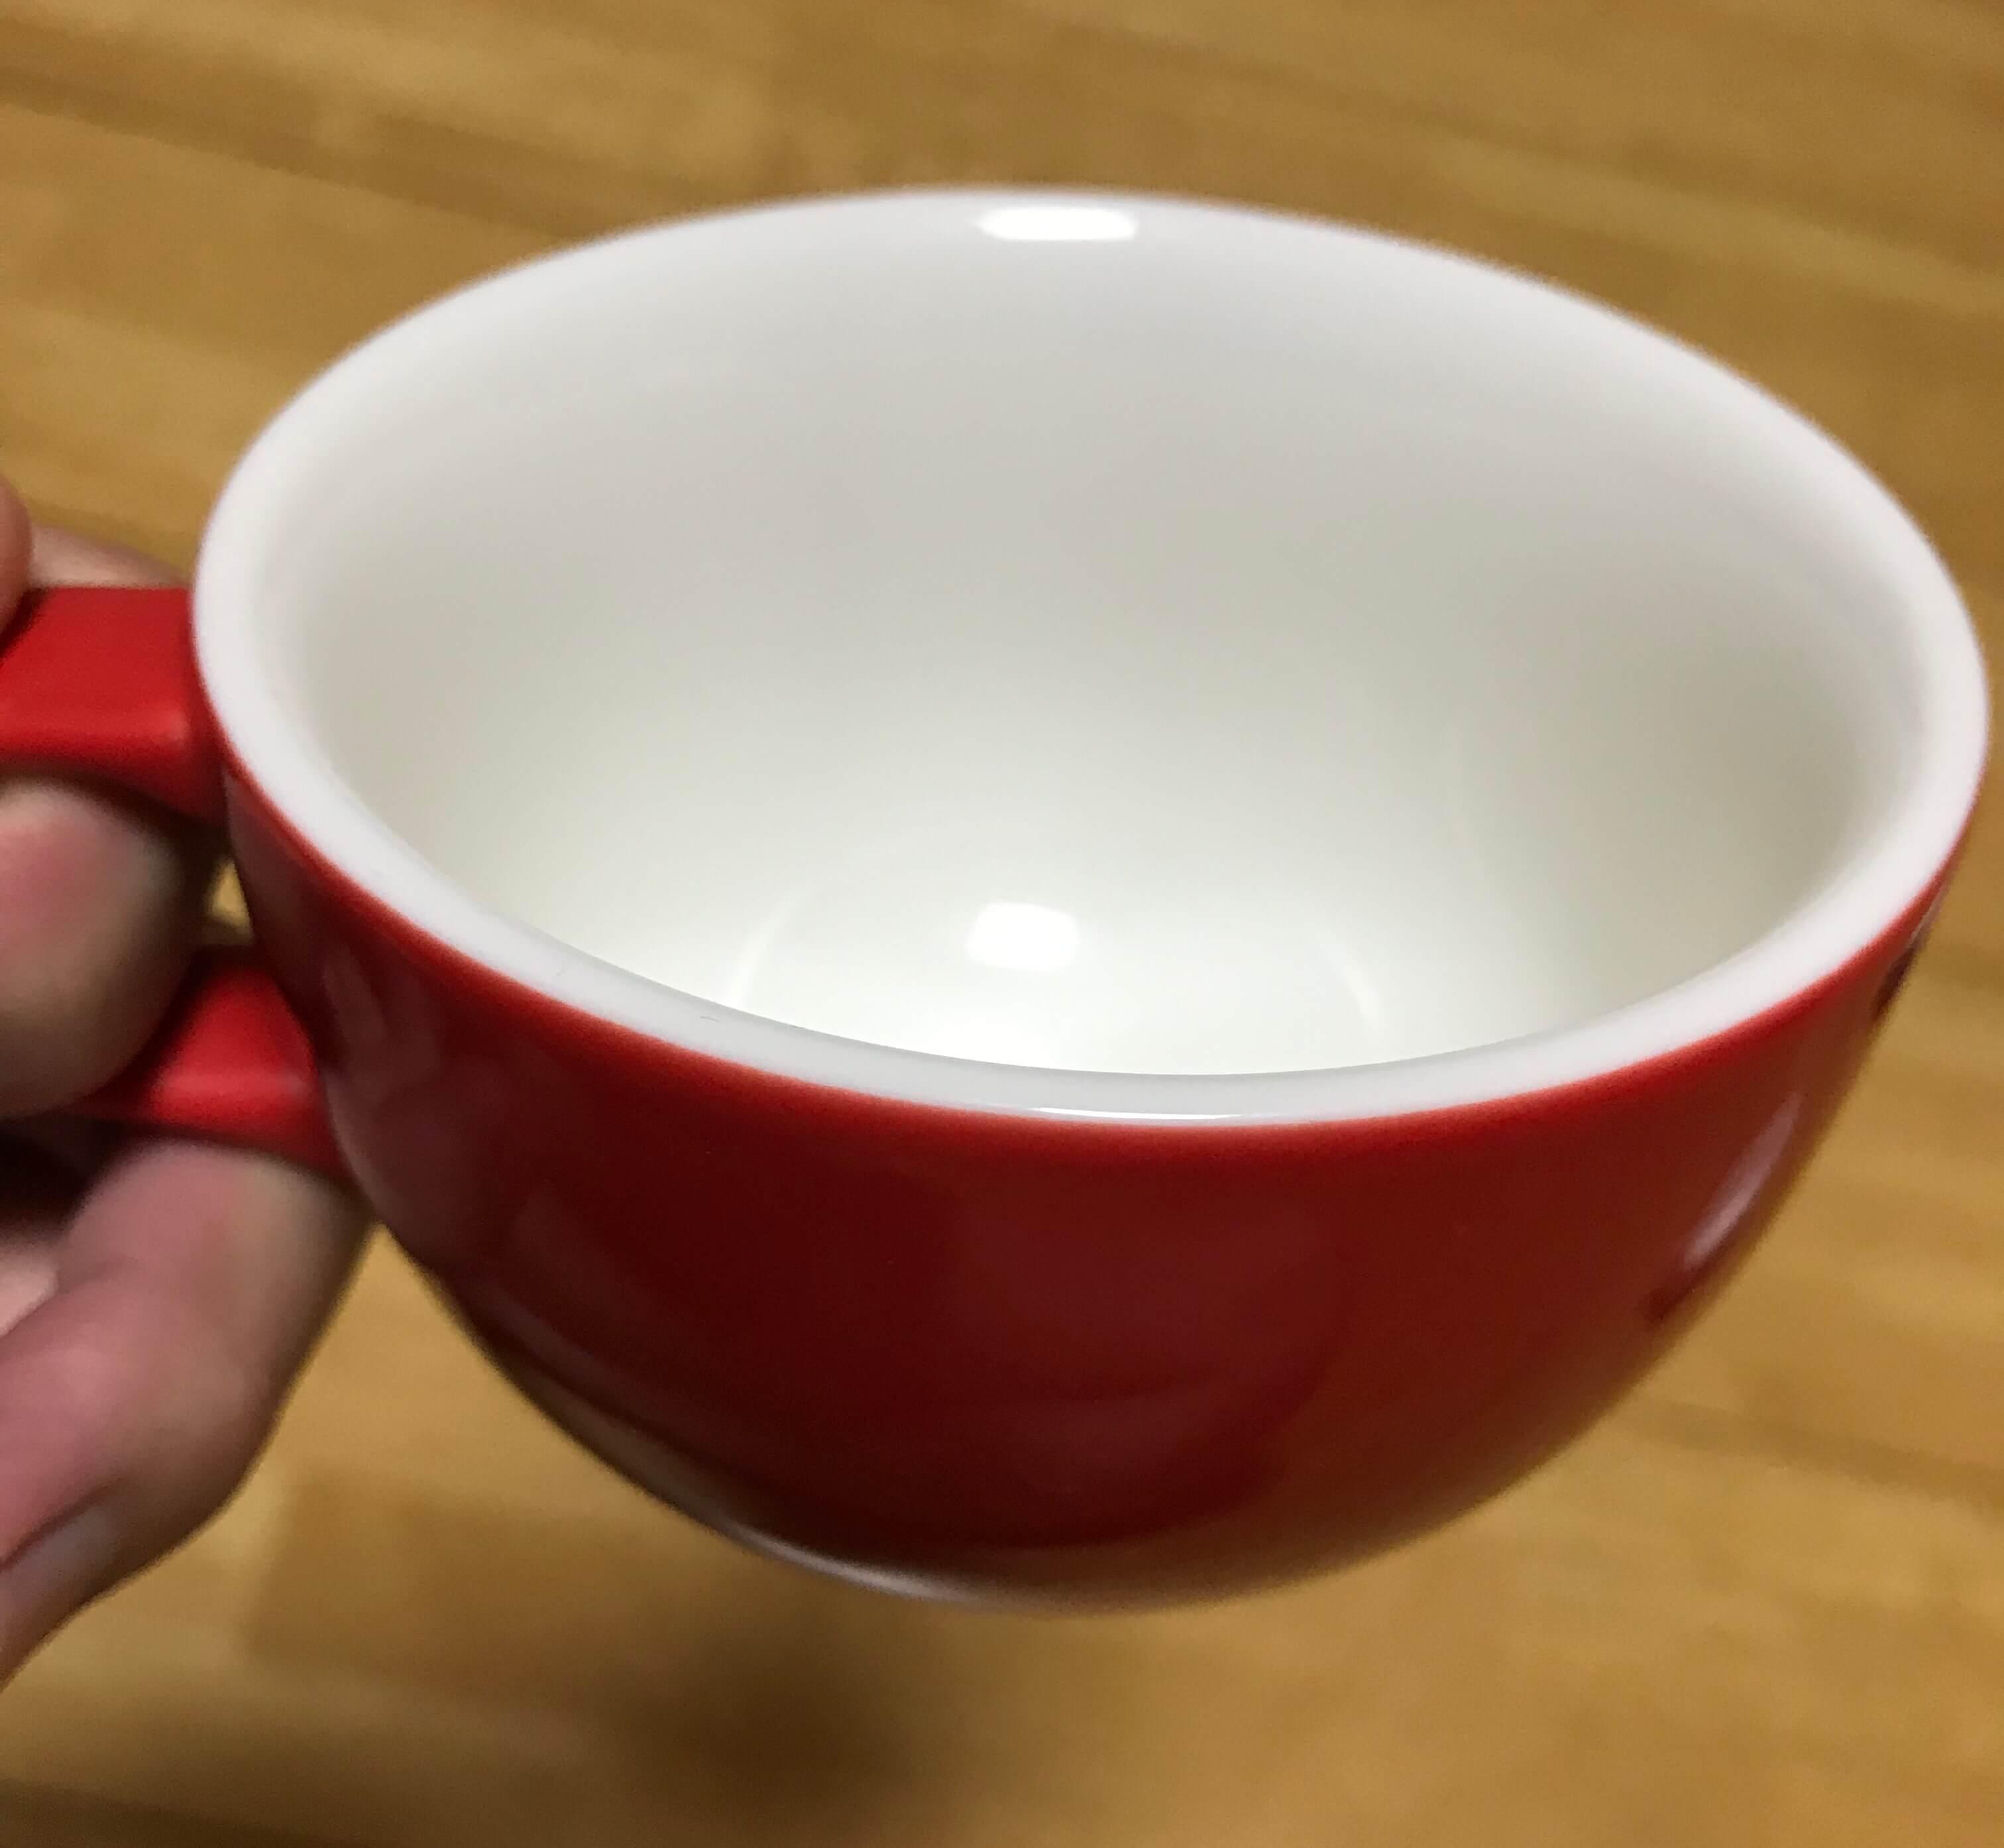 ORIGAMIカップの厚さ